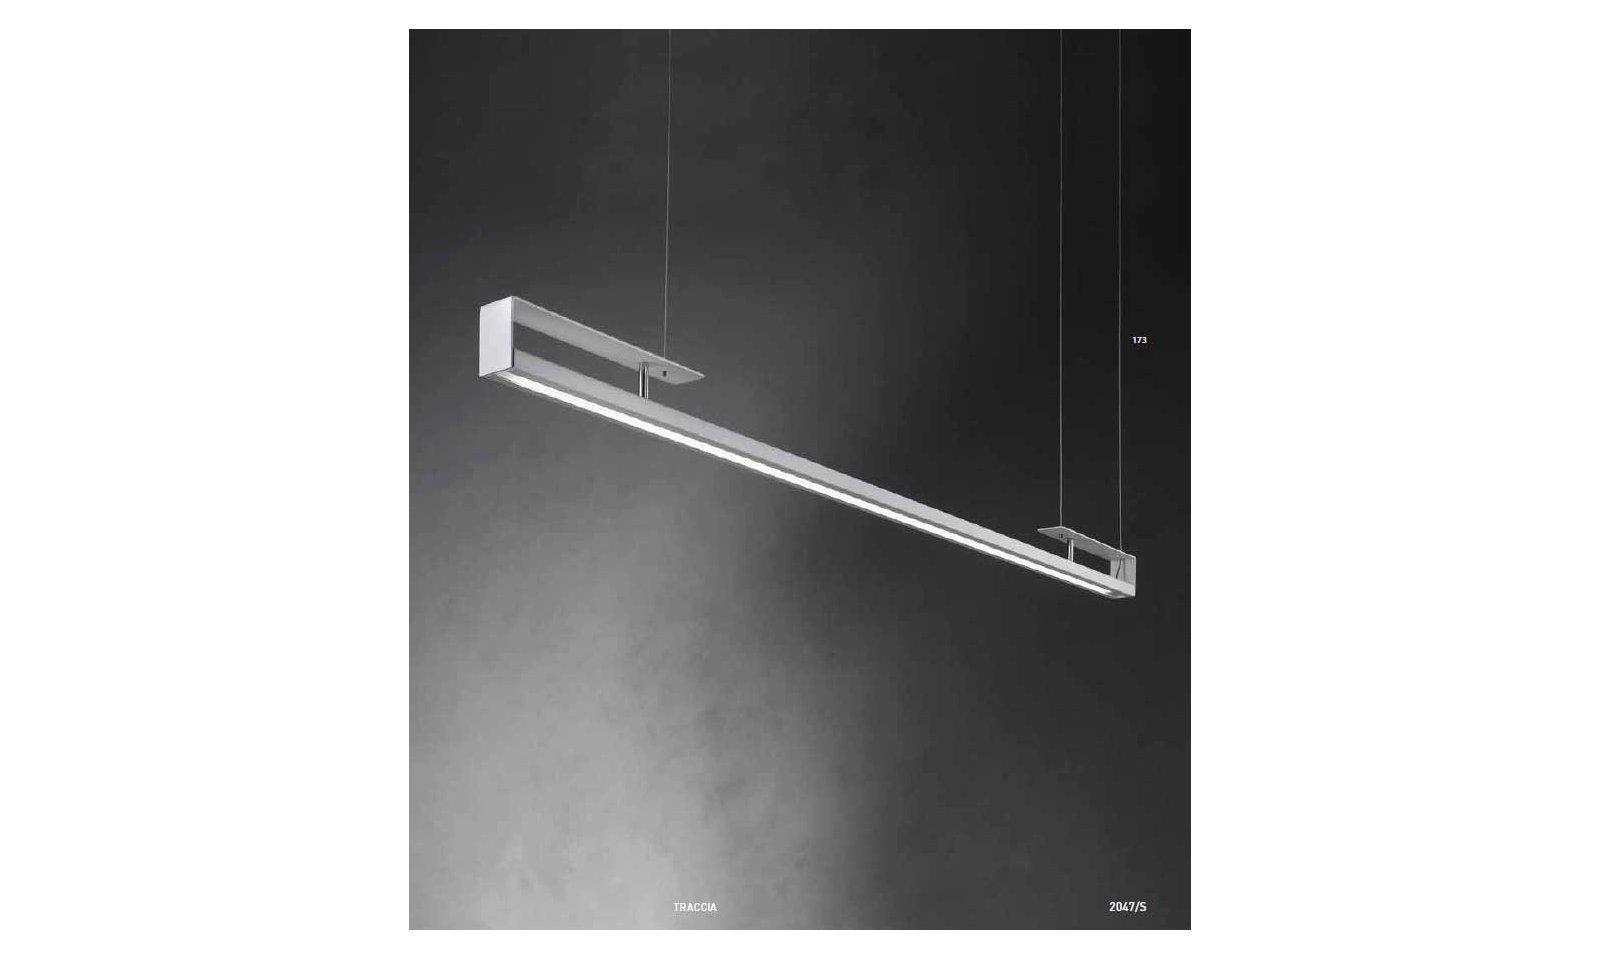 Braga illuminazione lampada a sospensione traccia led arteluce